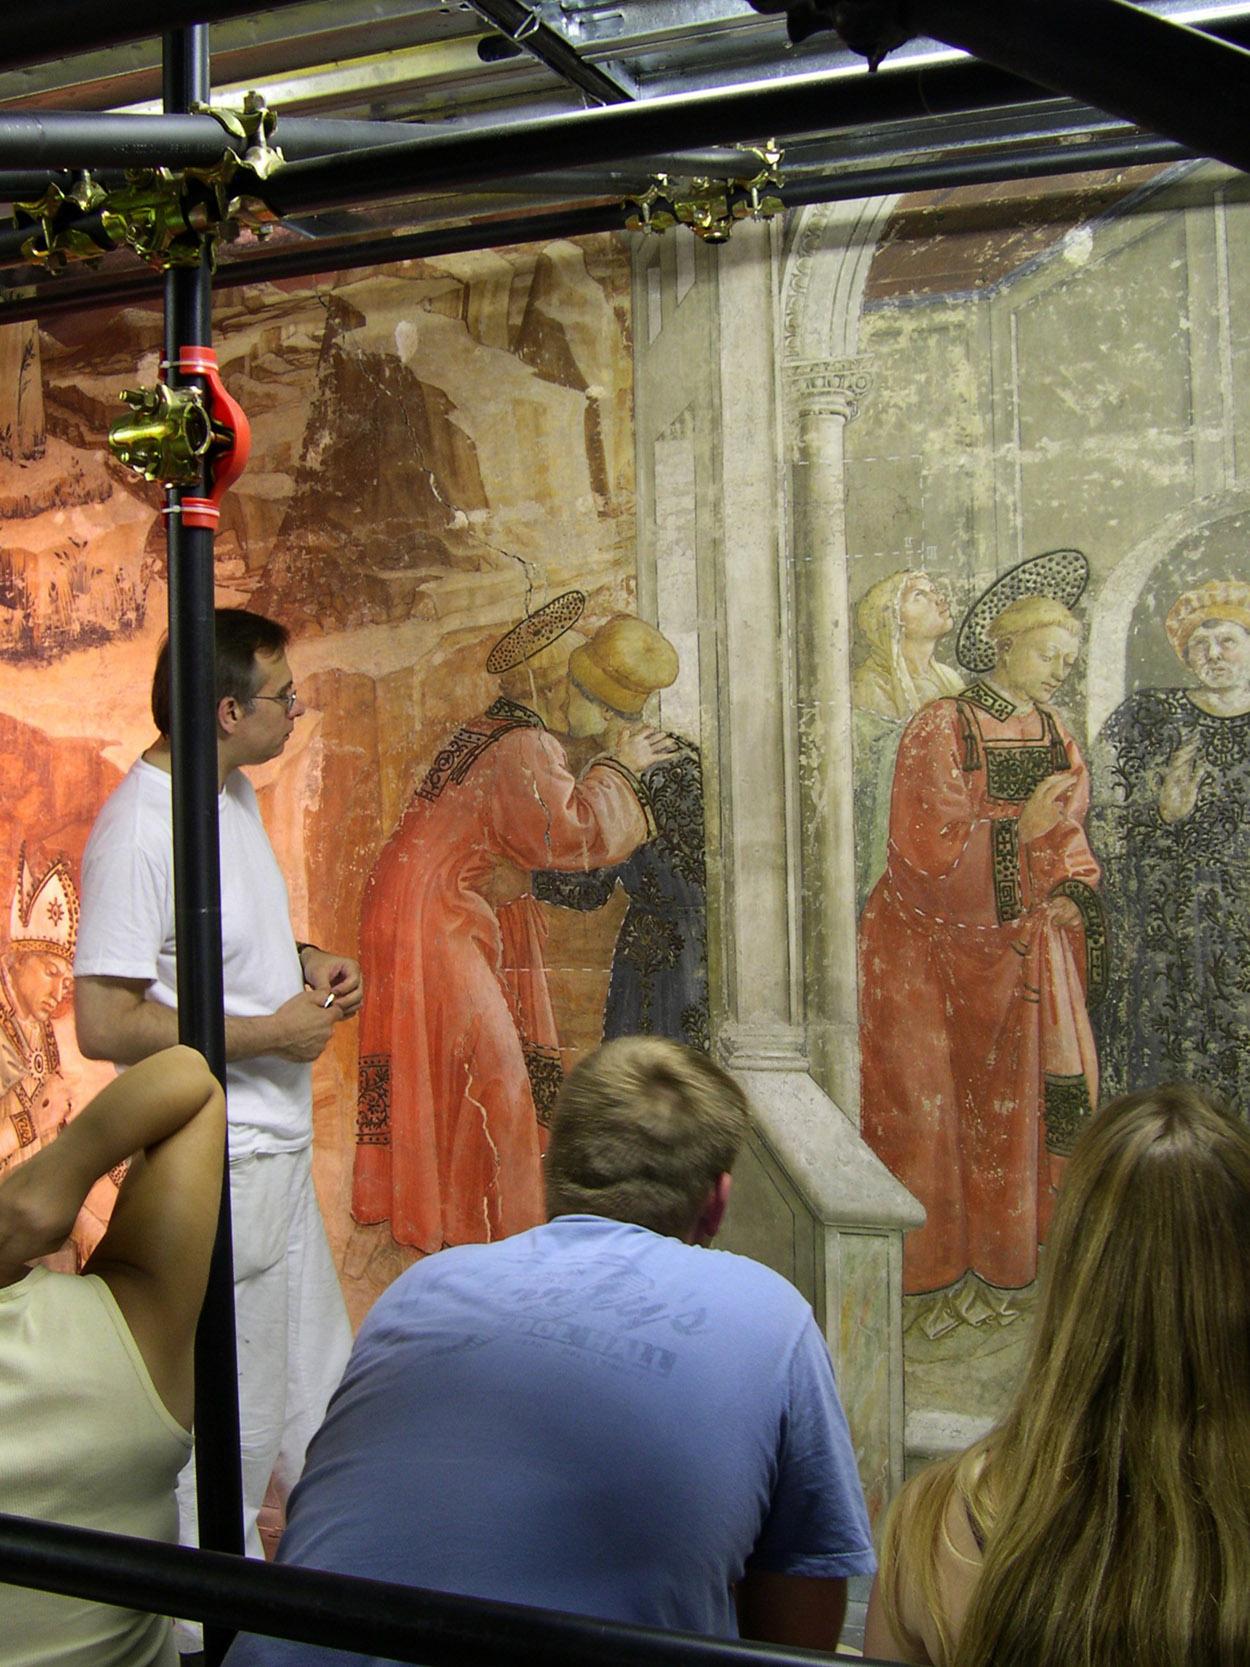 Prato, Duomo- Mark Gittins, Visit to restoratio of frescos of Filippo Lippi